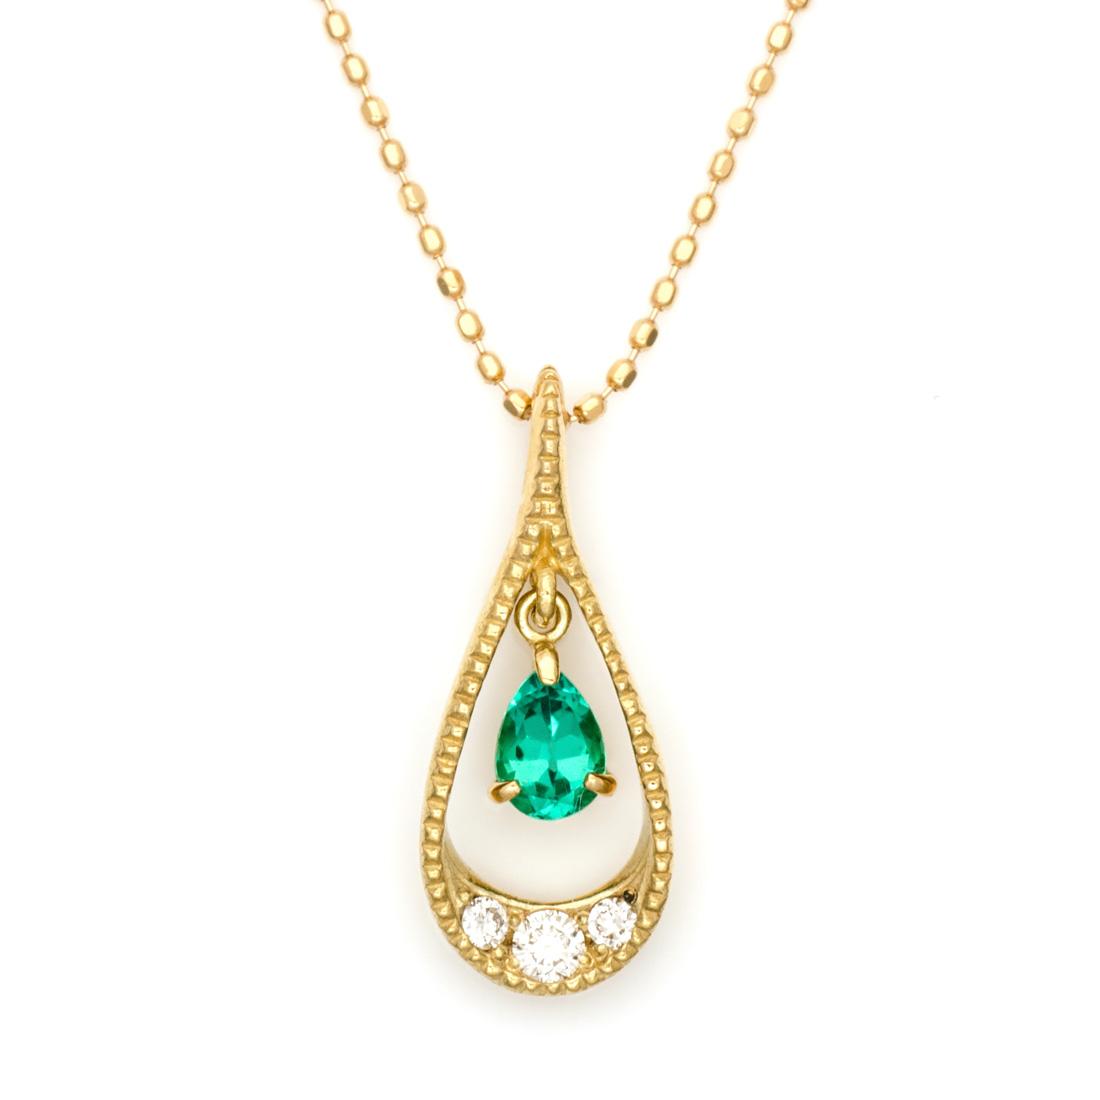 ペンダントトップ エメラルド ダイヤモンド 「versare」 ゴールド K18